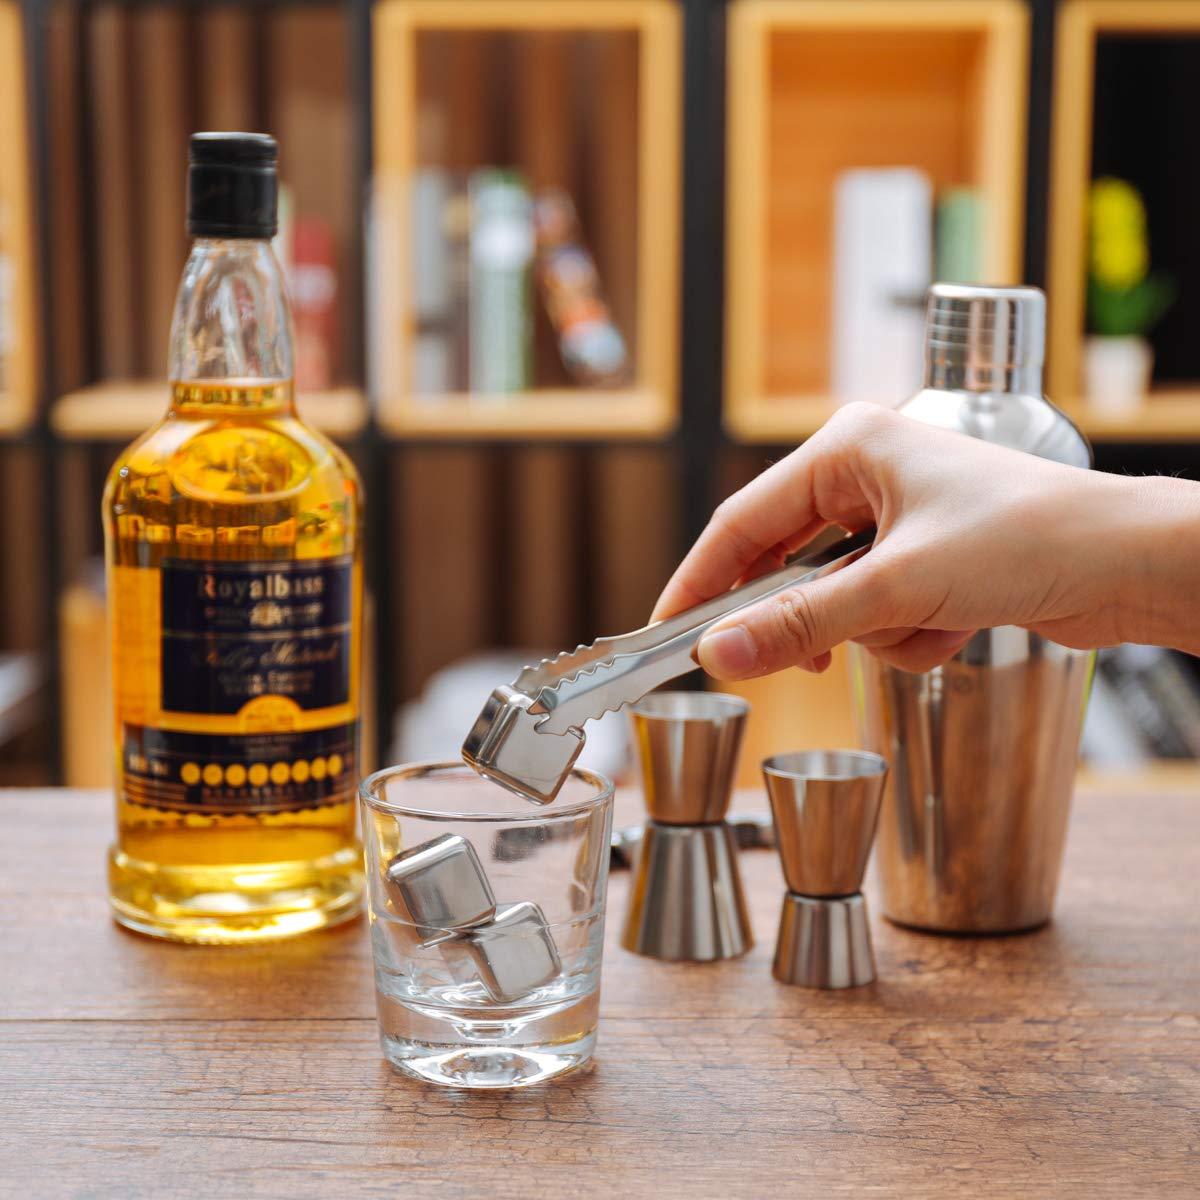 Cadeau de Noel pour Femme Haipei Cocktail Set avec Shaker 22 Pi/èces en Acier Inoxidable Cocktail de Barman Kit Shaker Cocktails Professionnel avec Accessoires pour Homme ou pour Couple